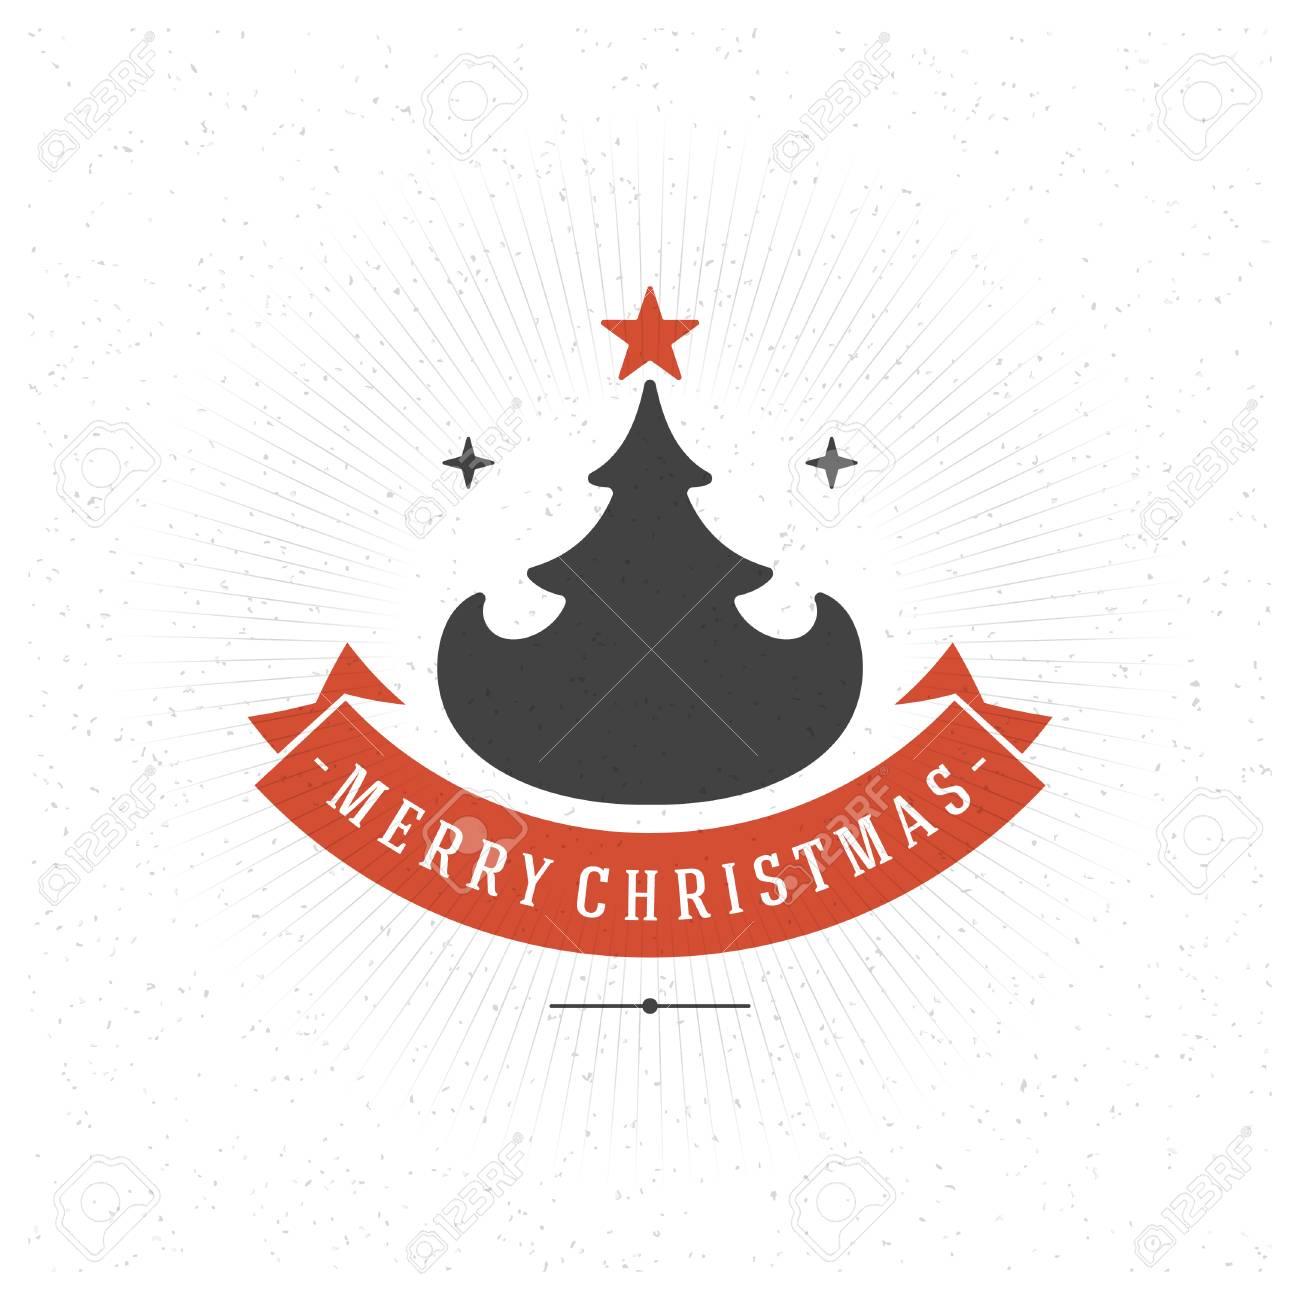 Stern Frohe Weihnachten.Stock Photo